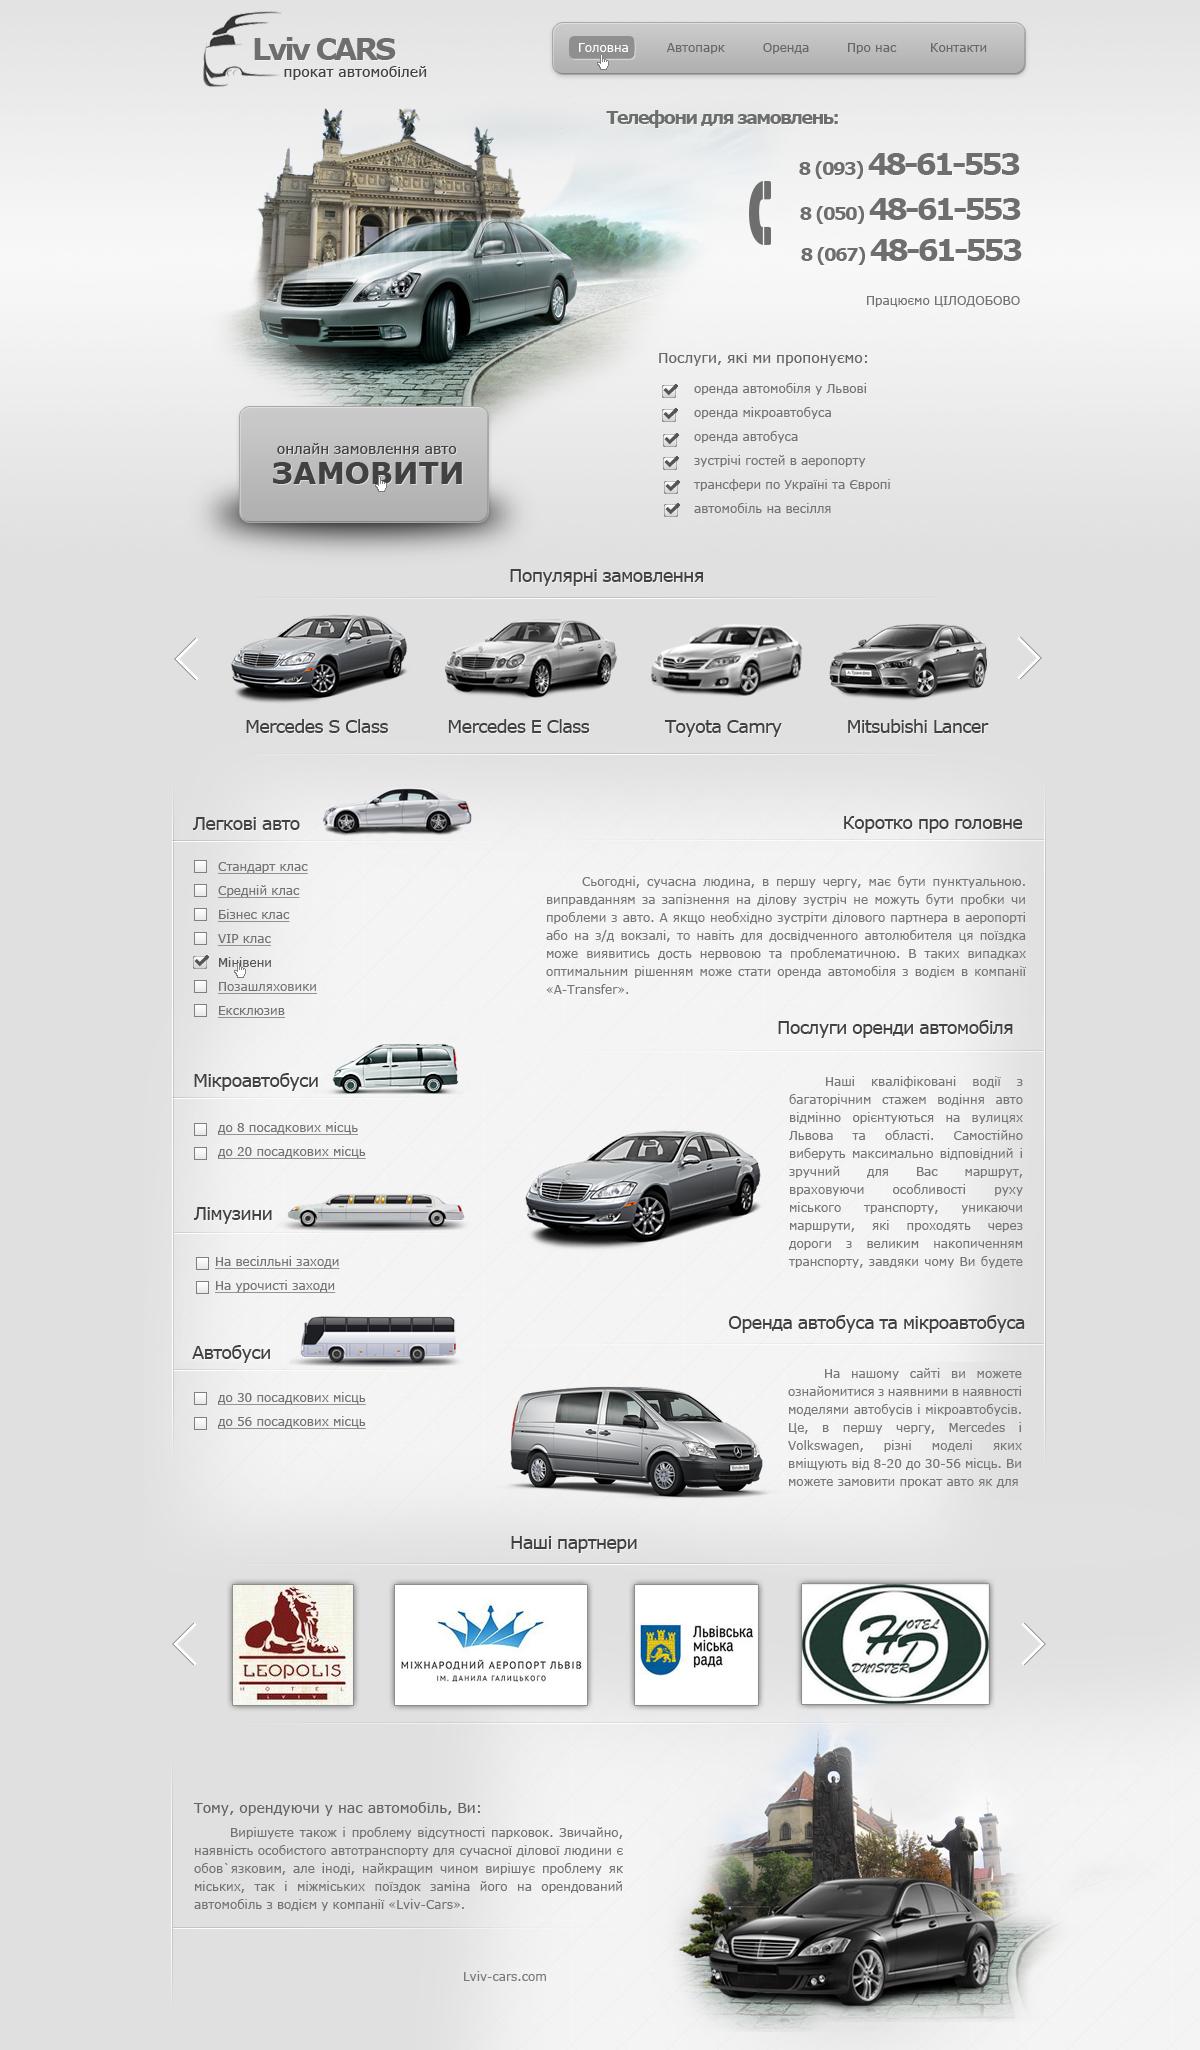 Сайт аренды автомобилей г. Львов